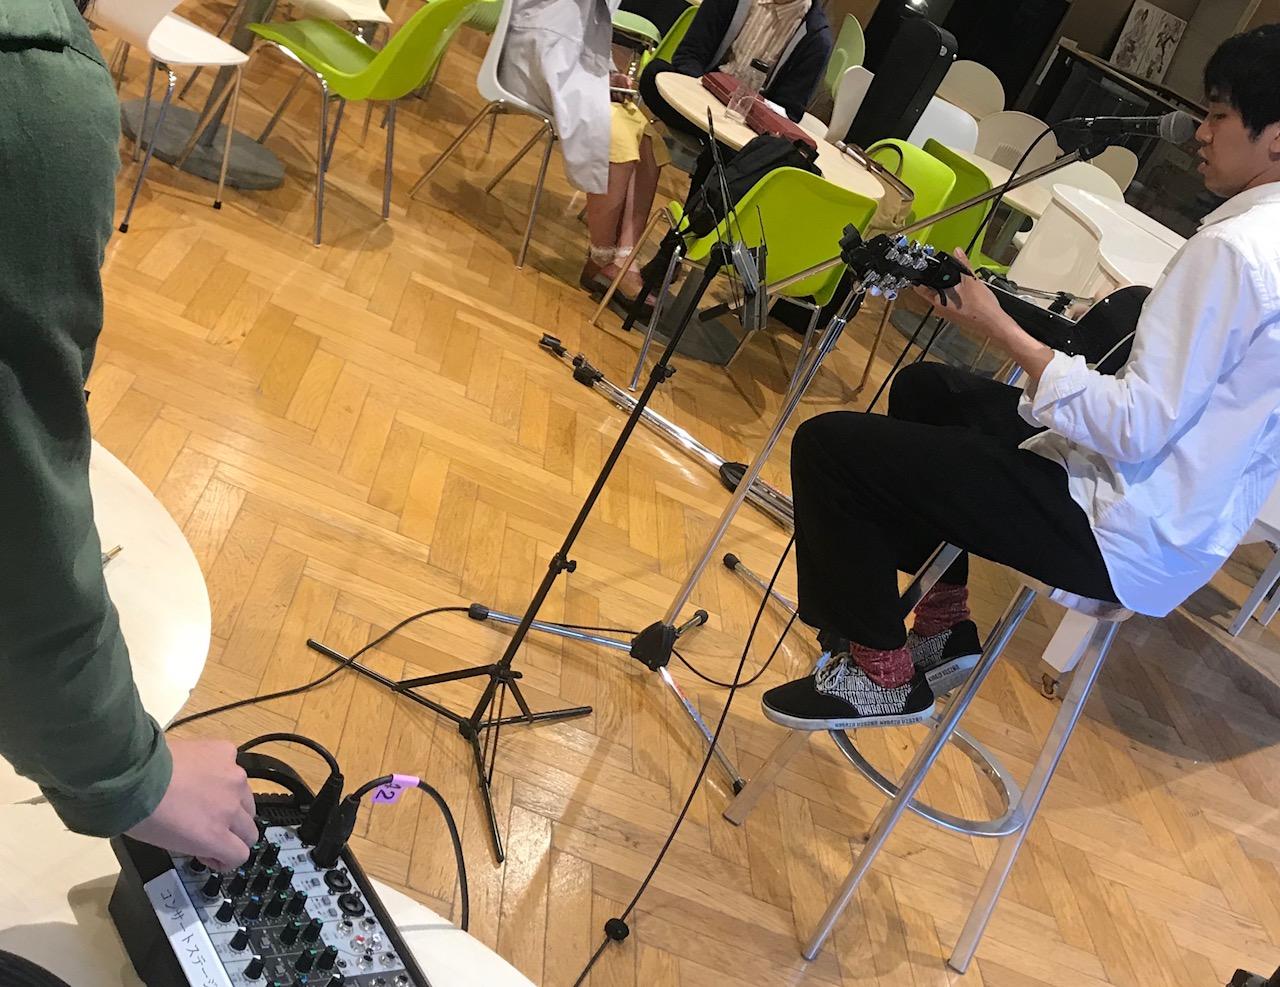 手前では体験に参加した方がミキサーを操作する様子、奥にはギターの弾き語りで音を出してみている源貴さんの様子が写っています。